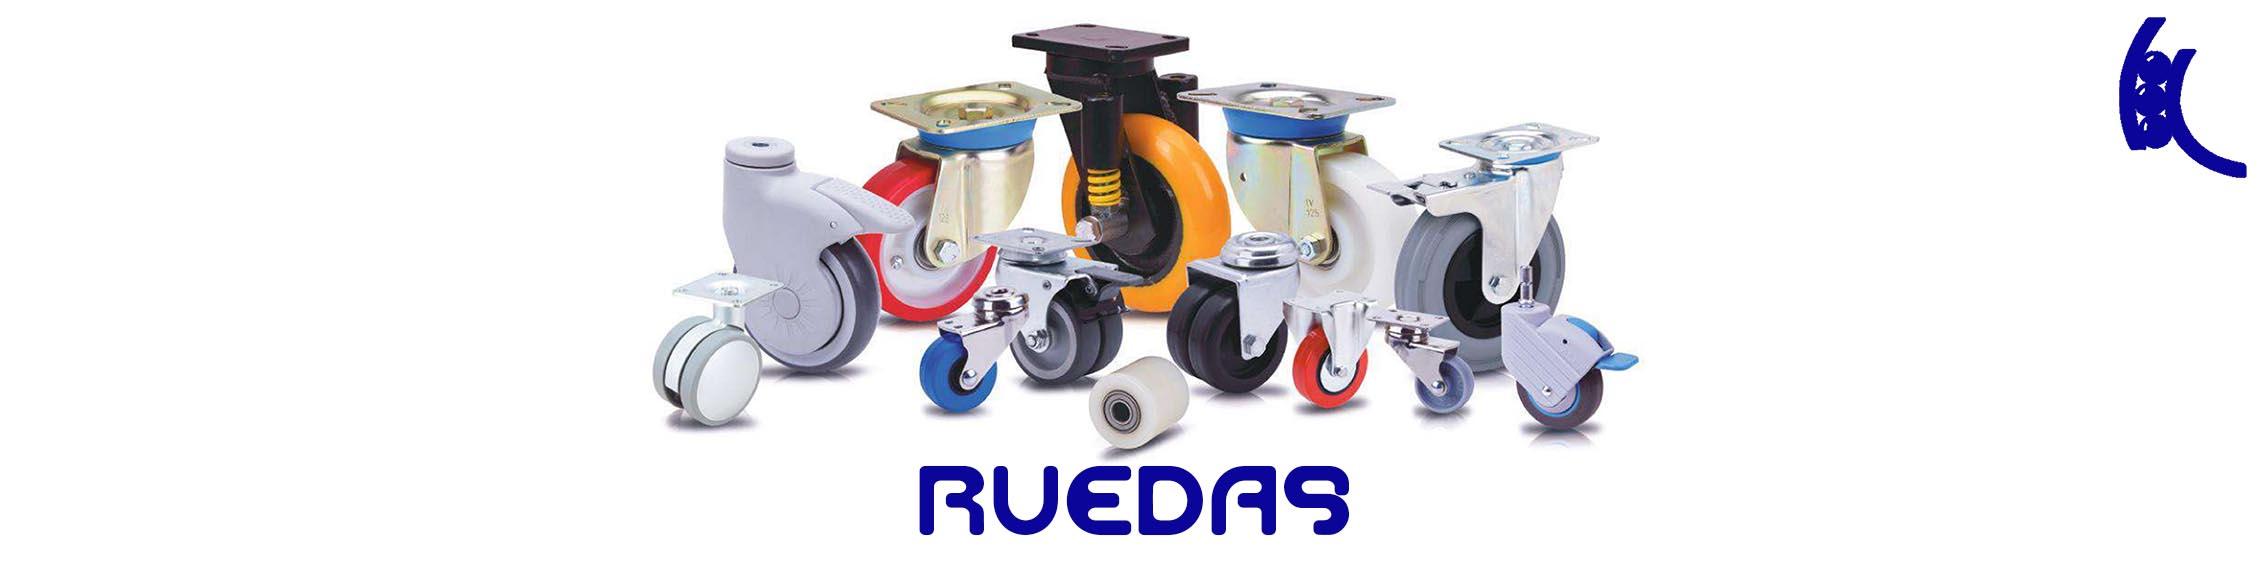 Ruedas Indauto